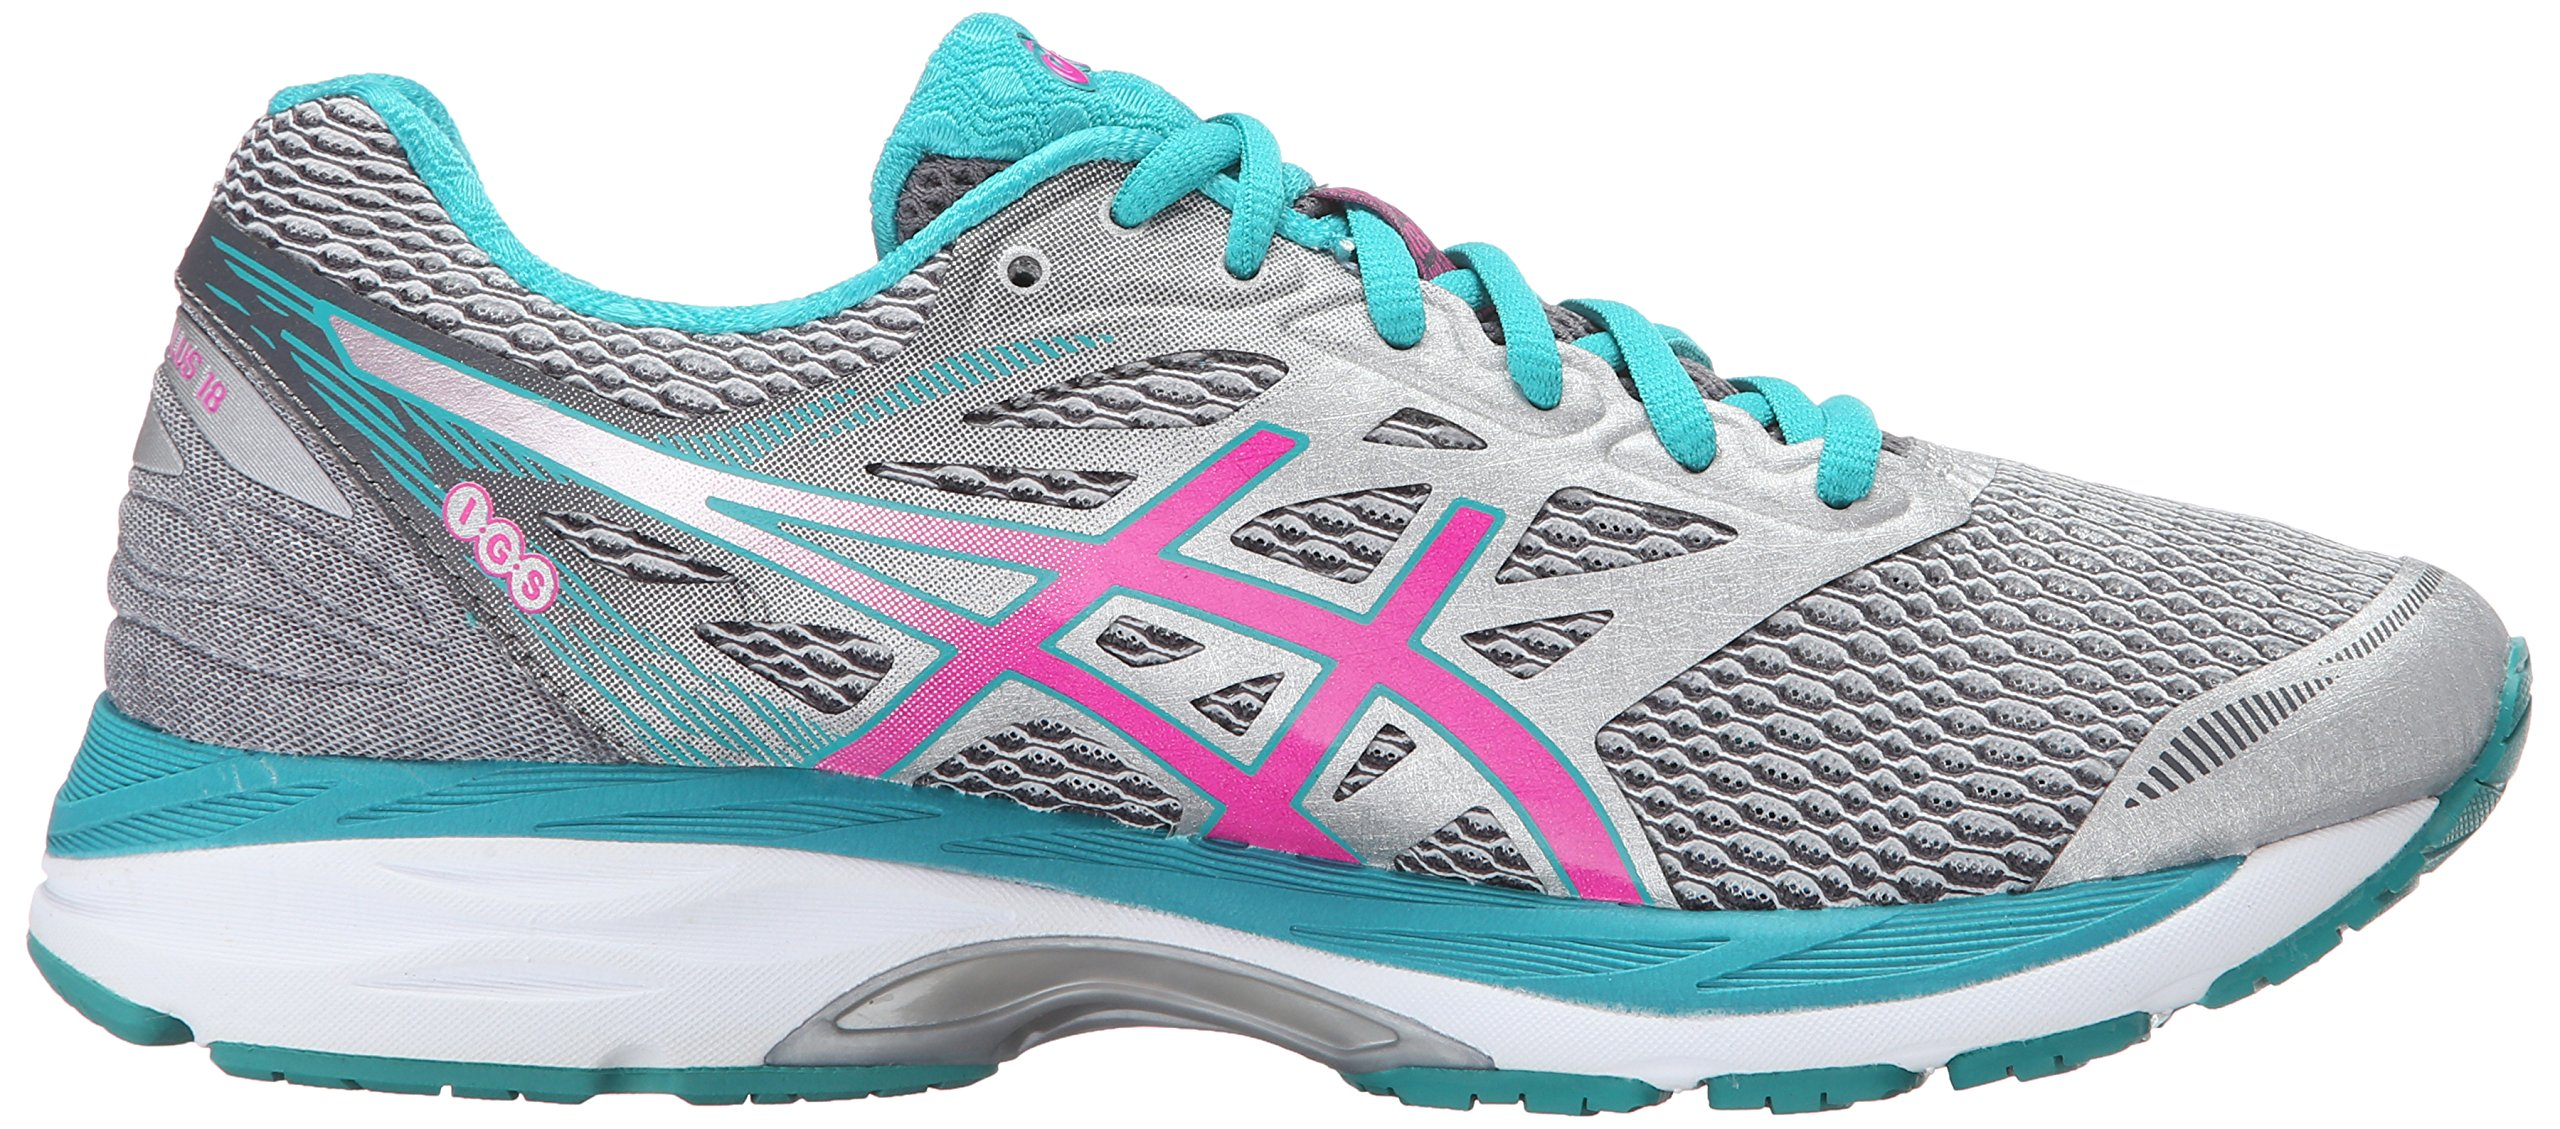 ASICS Women's Gel-Cumulus 18 Running Shoe, Silver/Pink Glow/Lapis, 8.5 M US